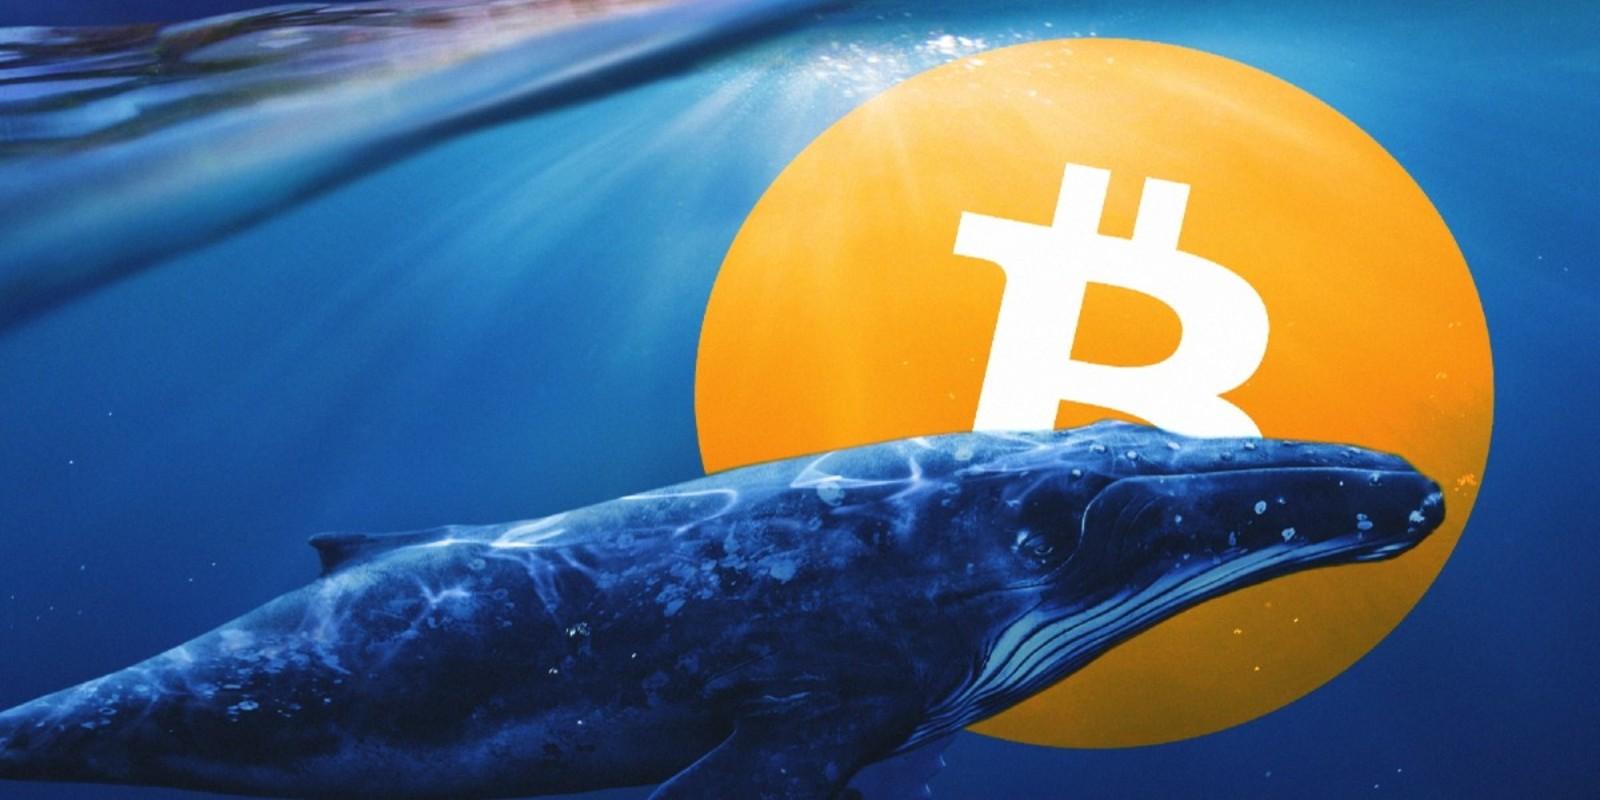 Une baleine Bitcoin transfère 245 175 BTC en 1 heure